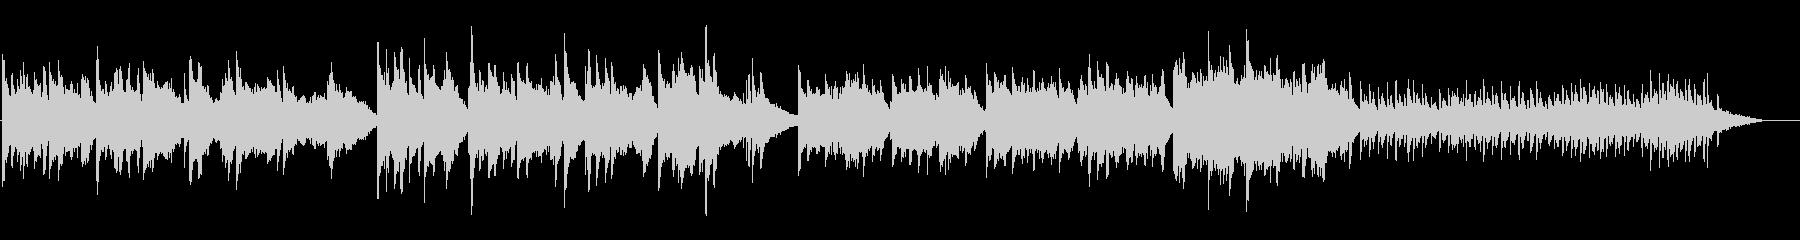 ピアノとストリングスの優しい曲05の未再生の波形